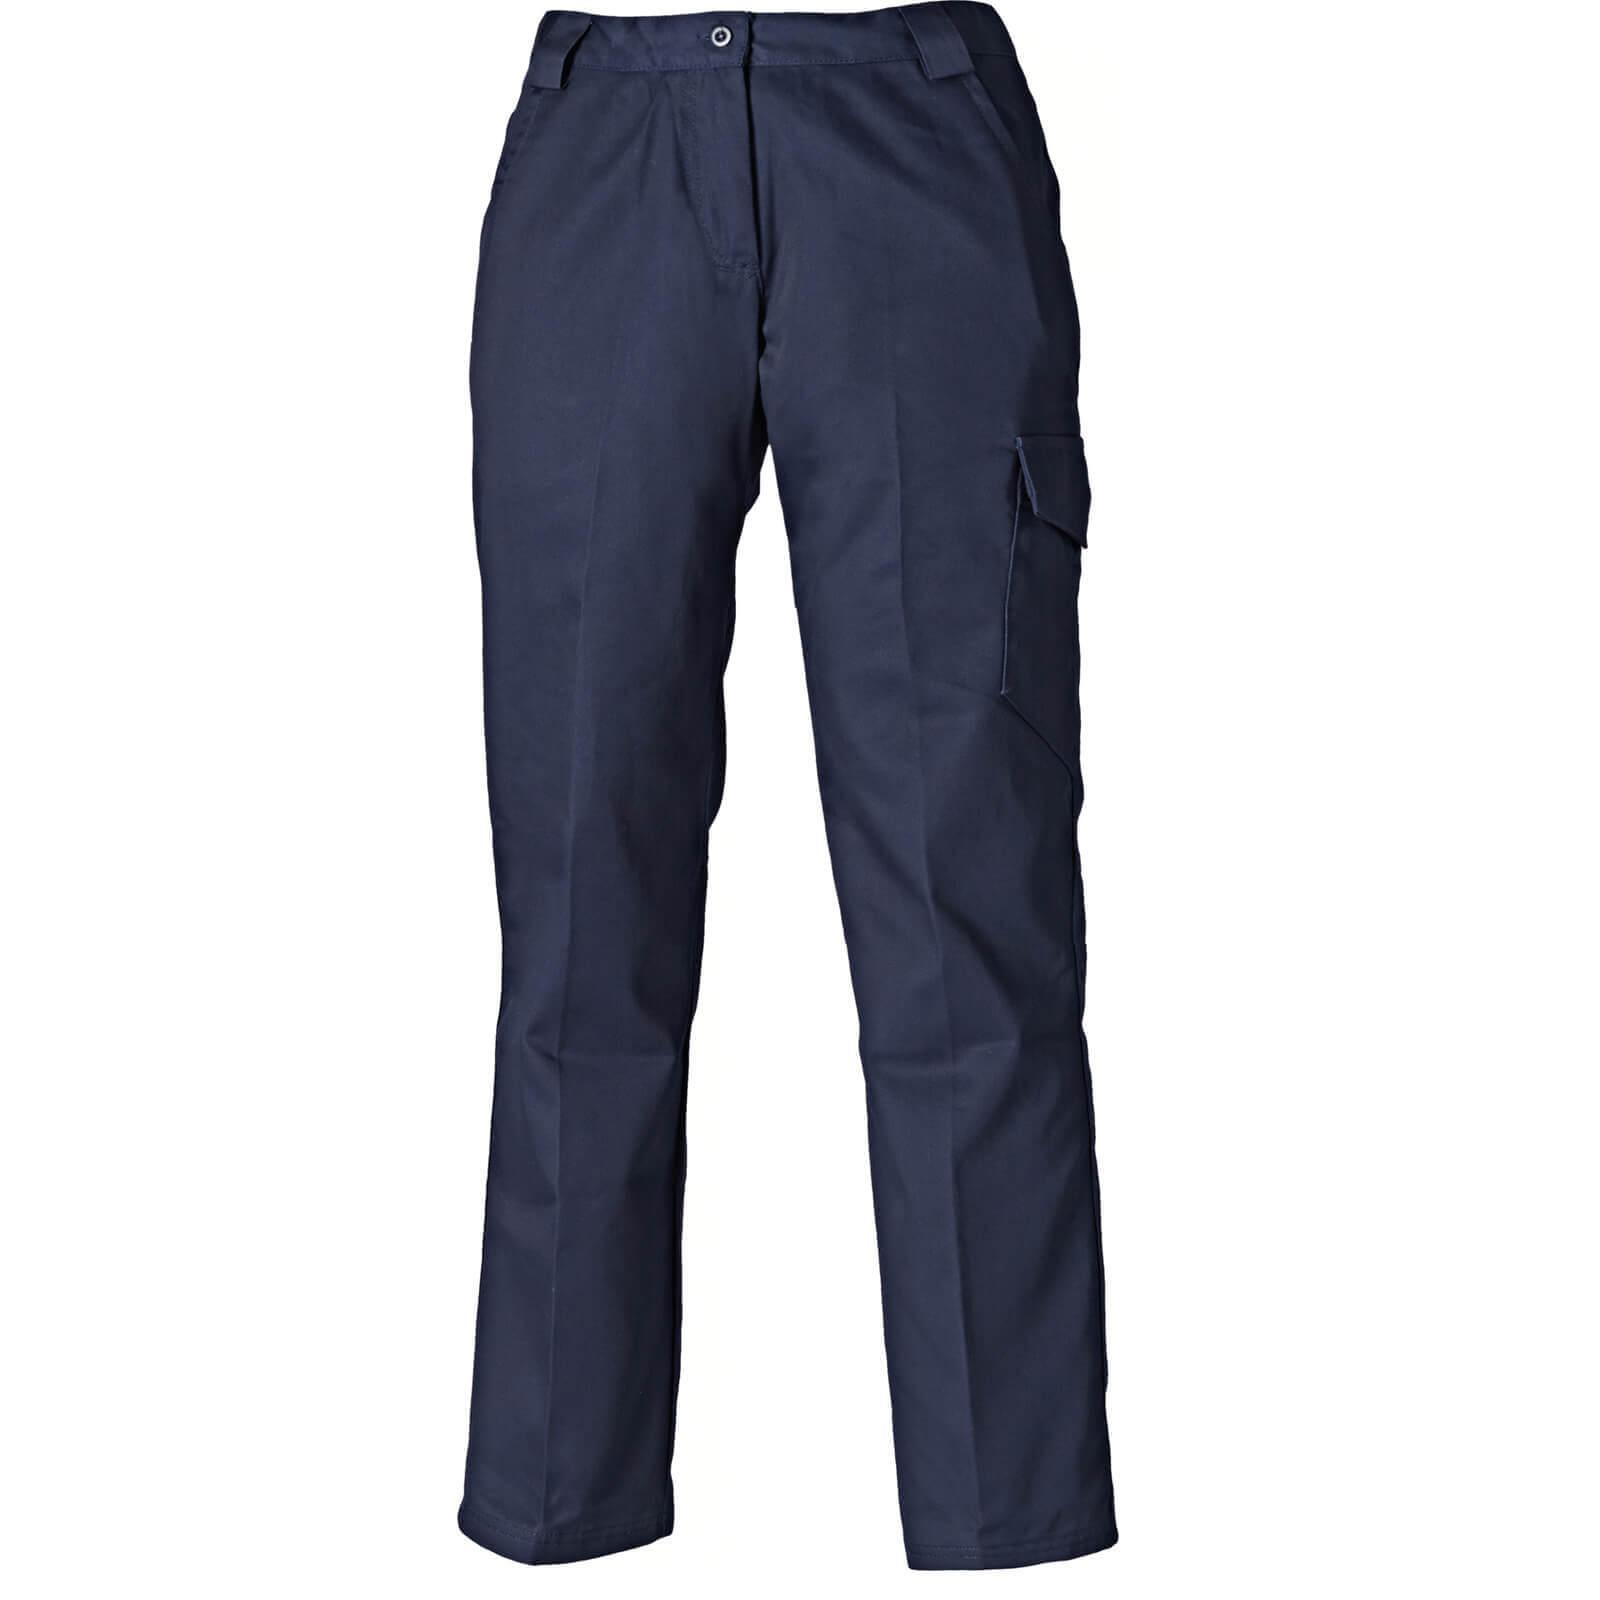 Dickies Ladies Redhawk Trousers Navy Blue Size 10 31